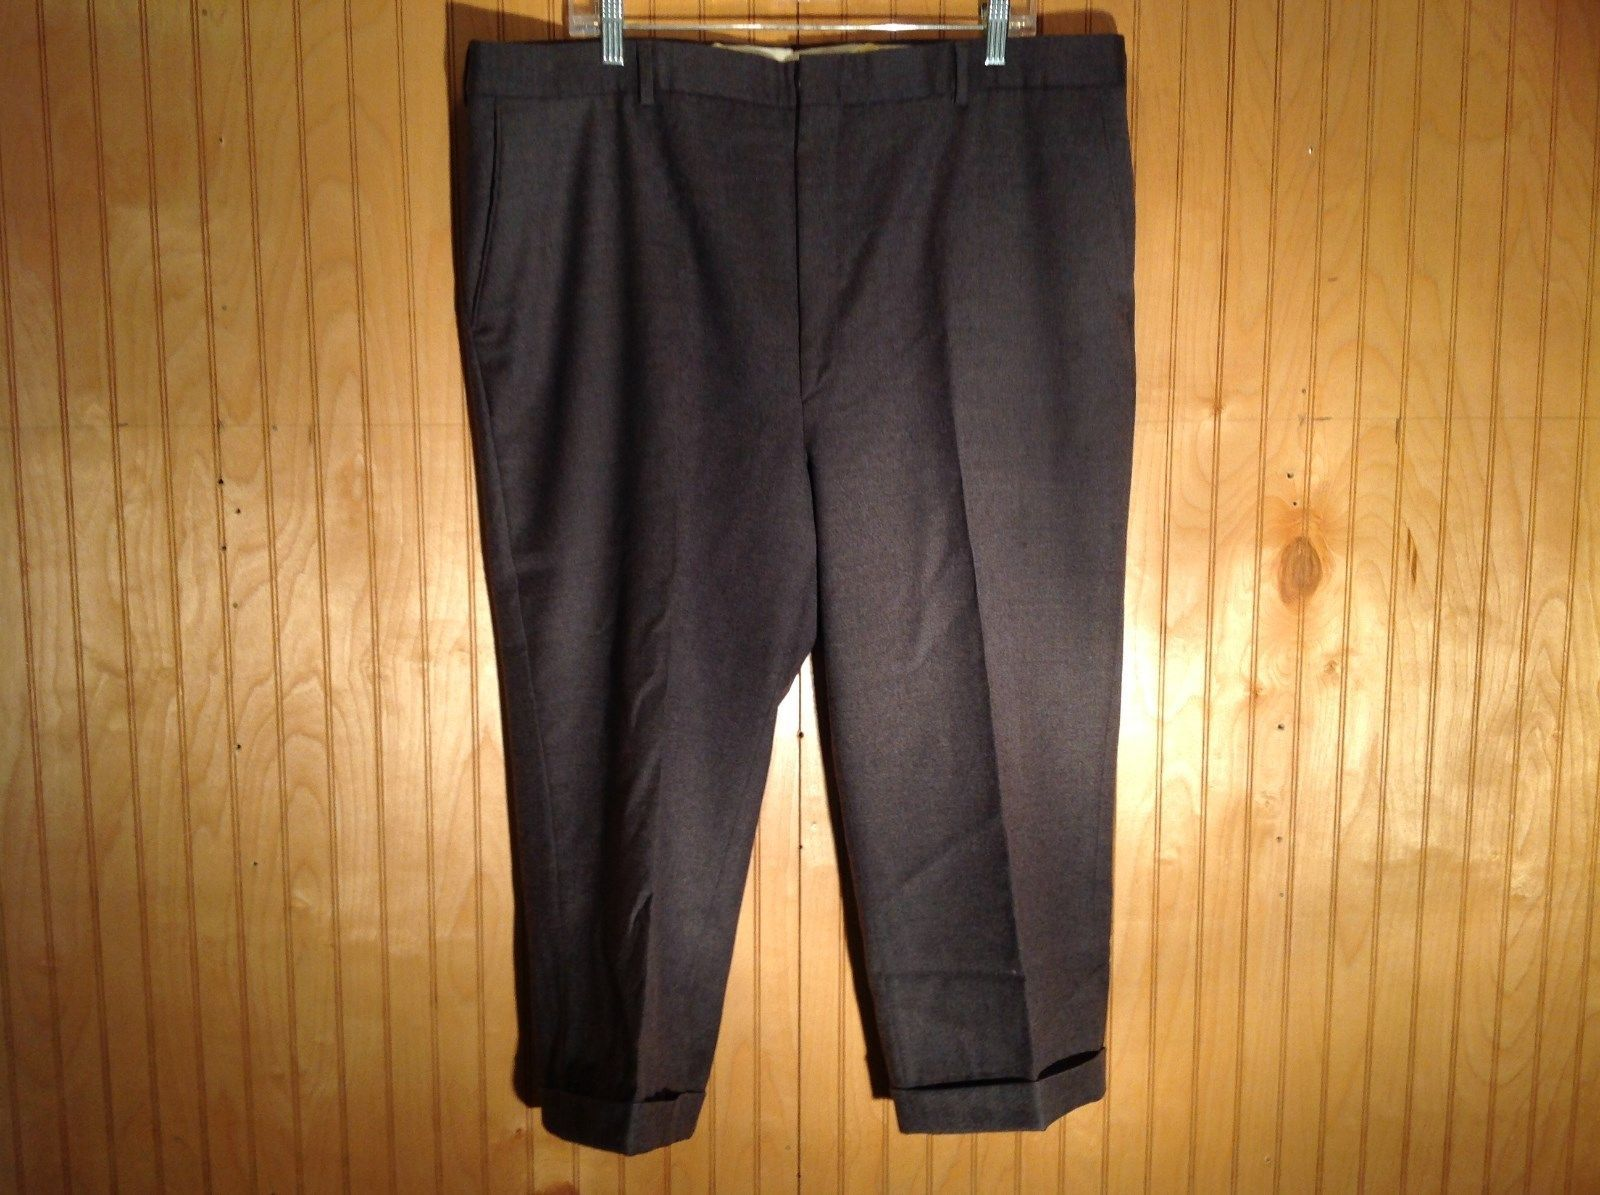 Dark Gray Pleated Dress Pants by Bill Blass 100 Percent Wool Size 40R